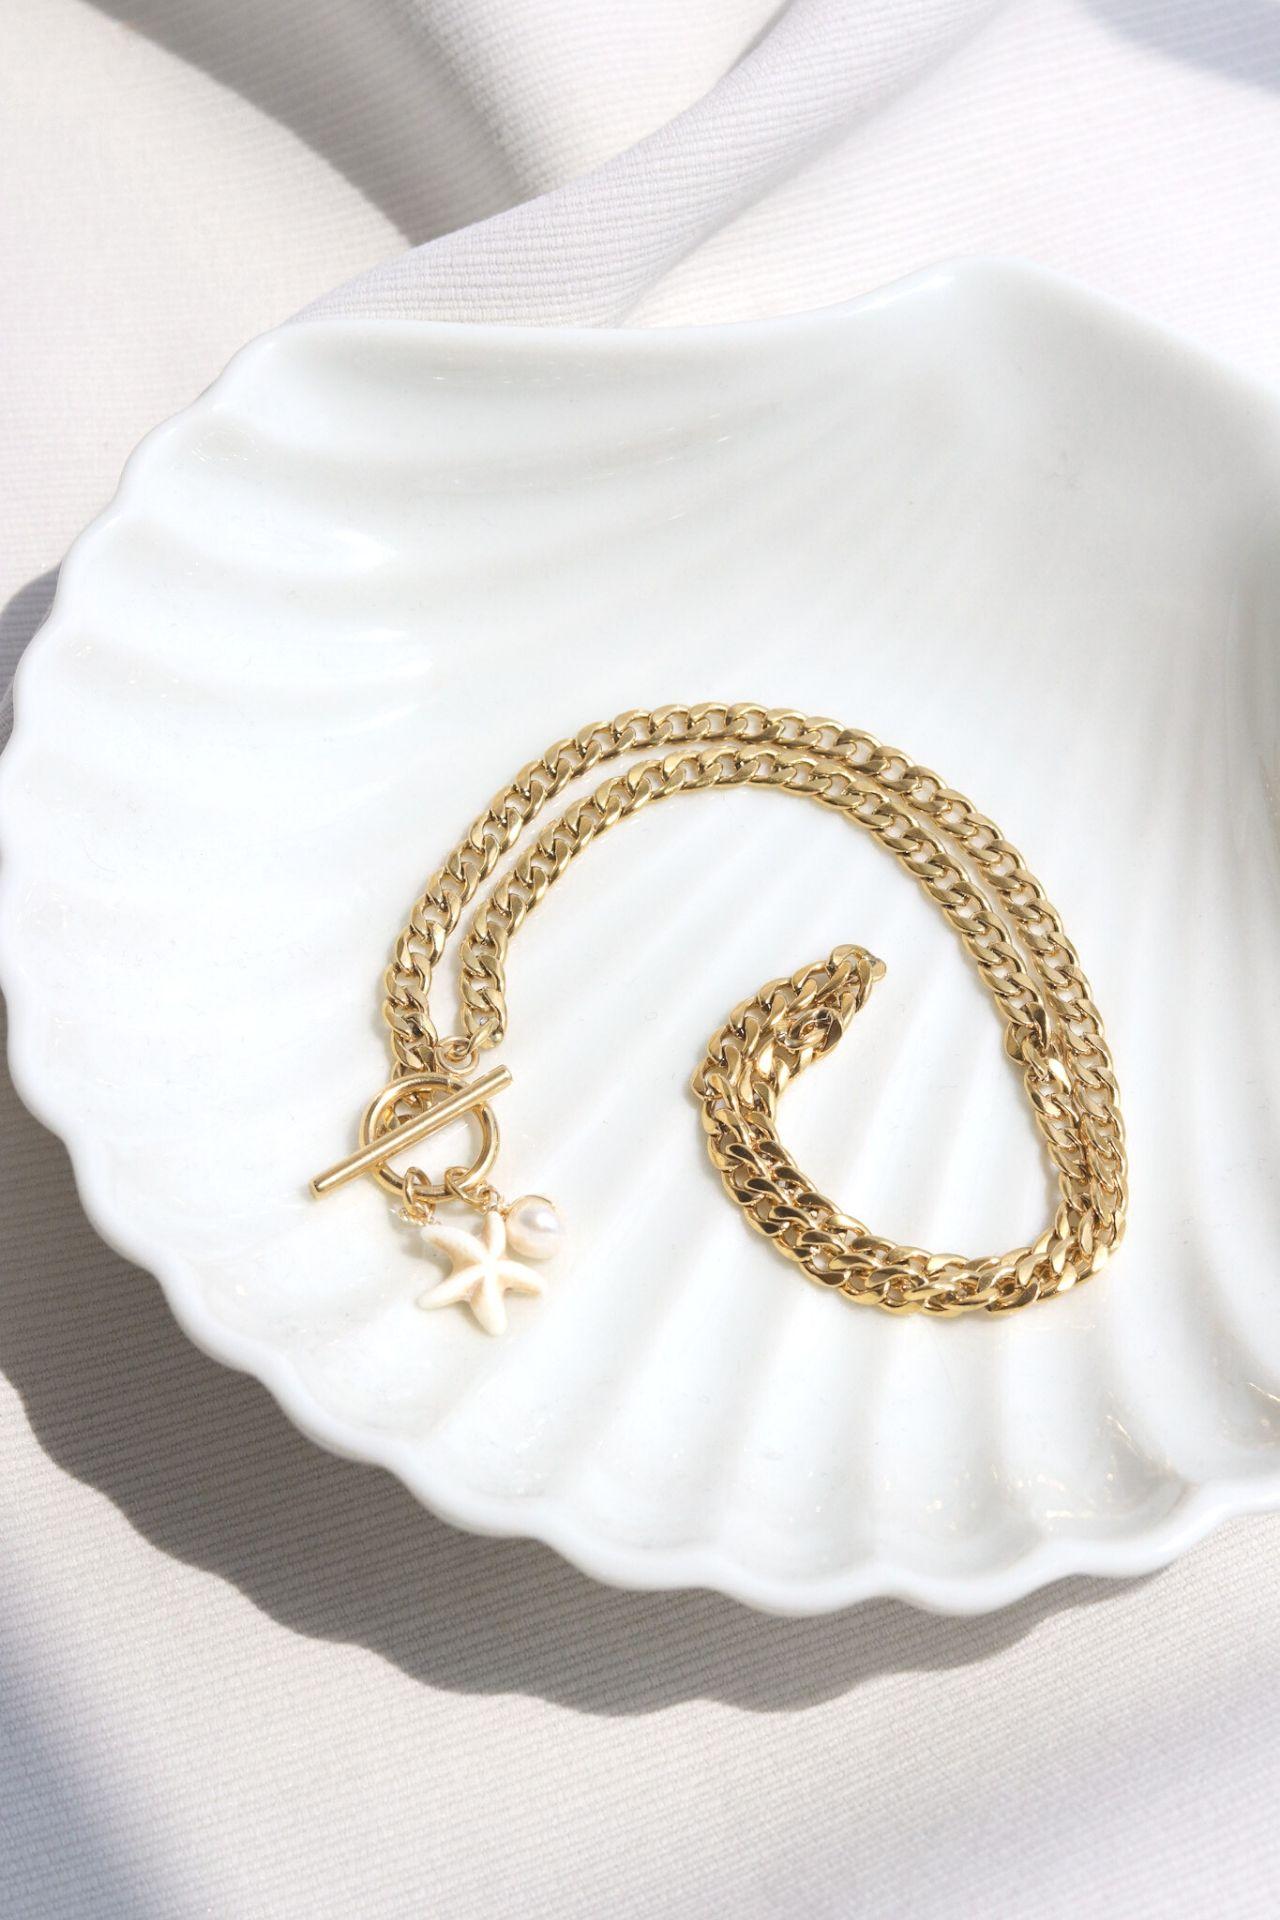 Collar Marina con Estrella y Perla  - Material: Acero  - Largo del collar: 42cm